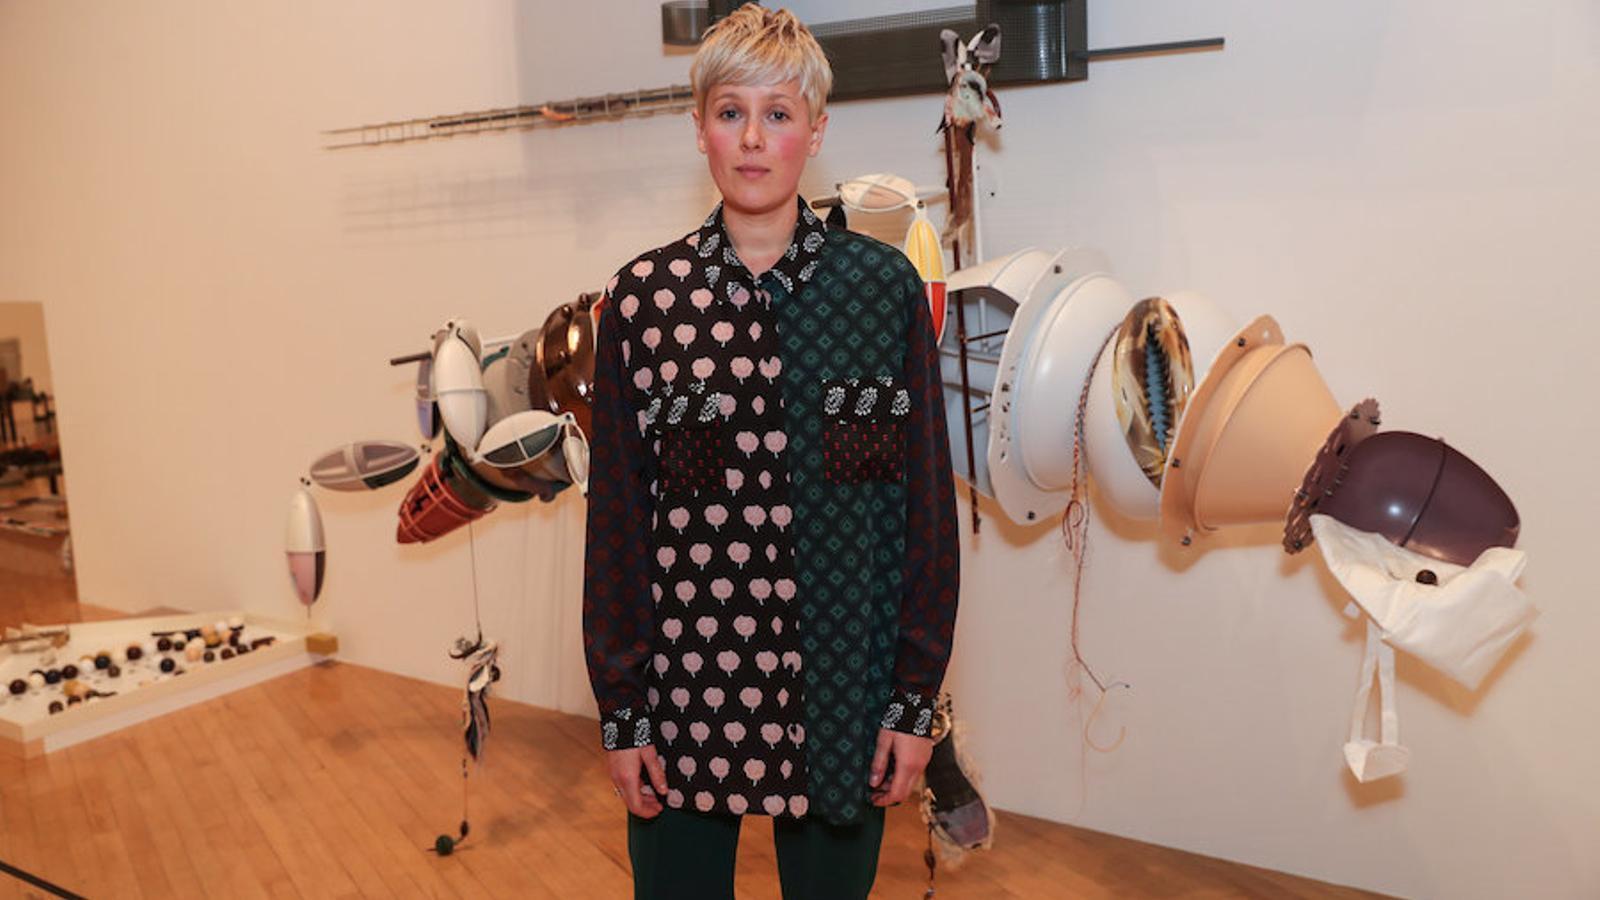 L'anglesa Helen Marten, guanyadora del Turner, davan la instal·lació 'Brood and bitter pass'